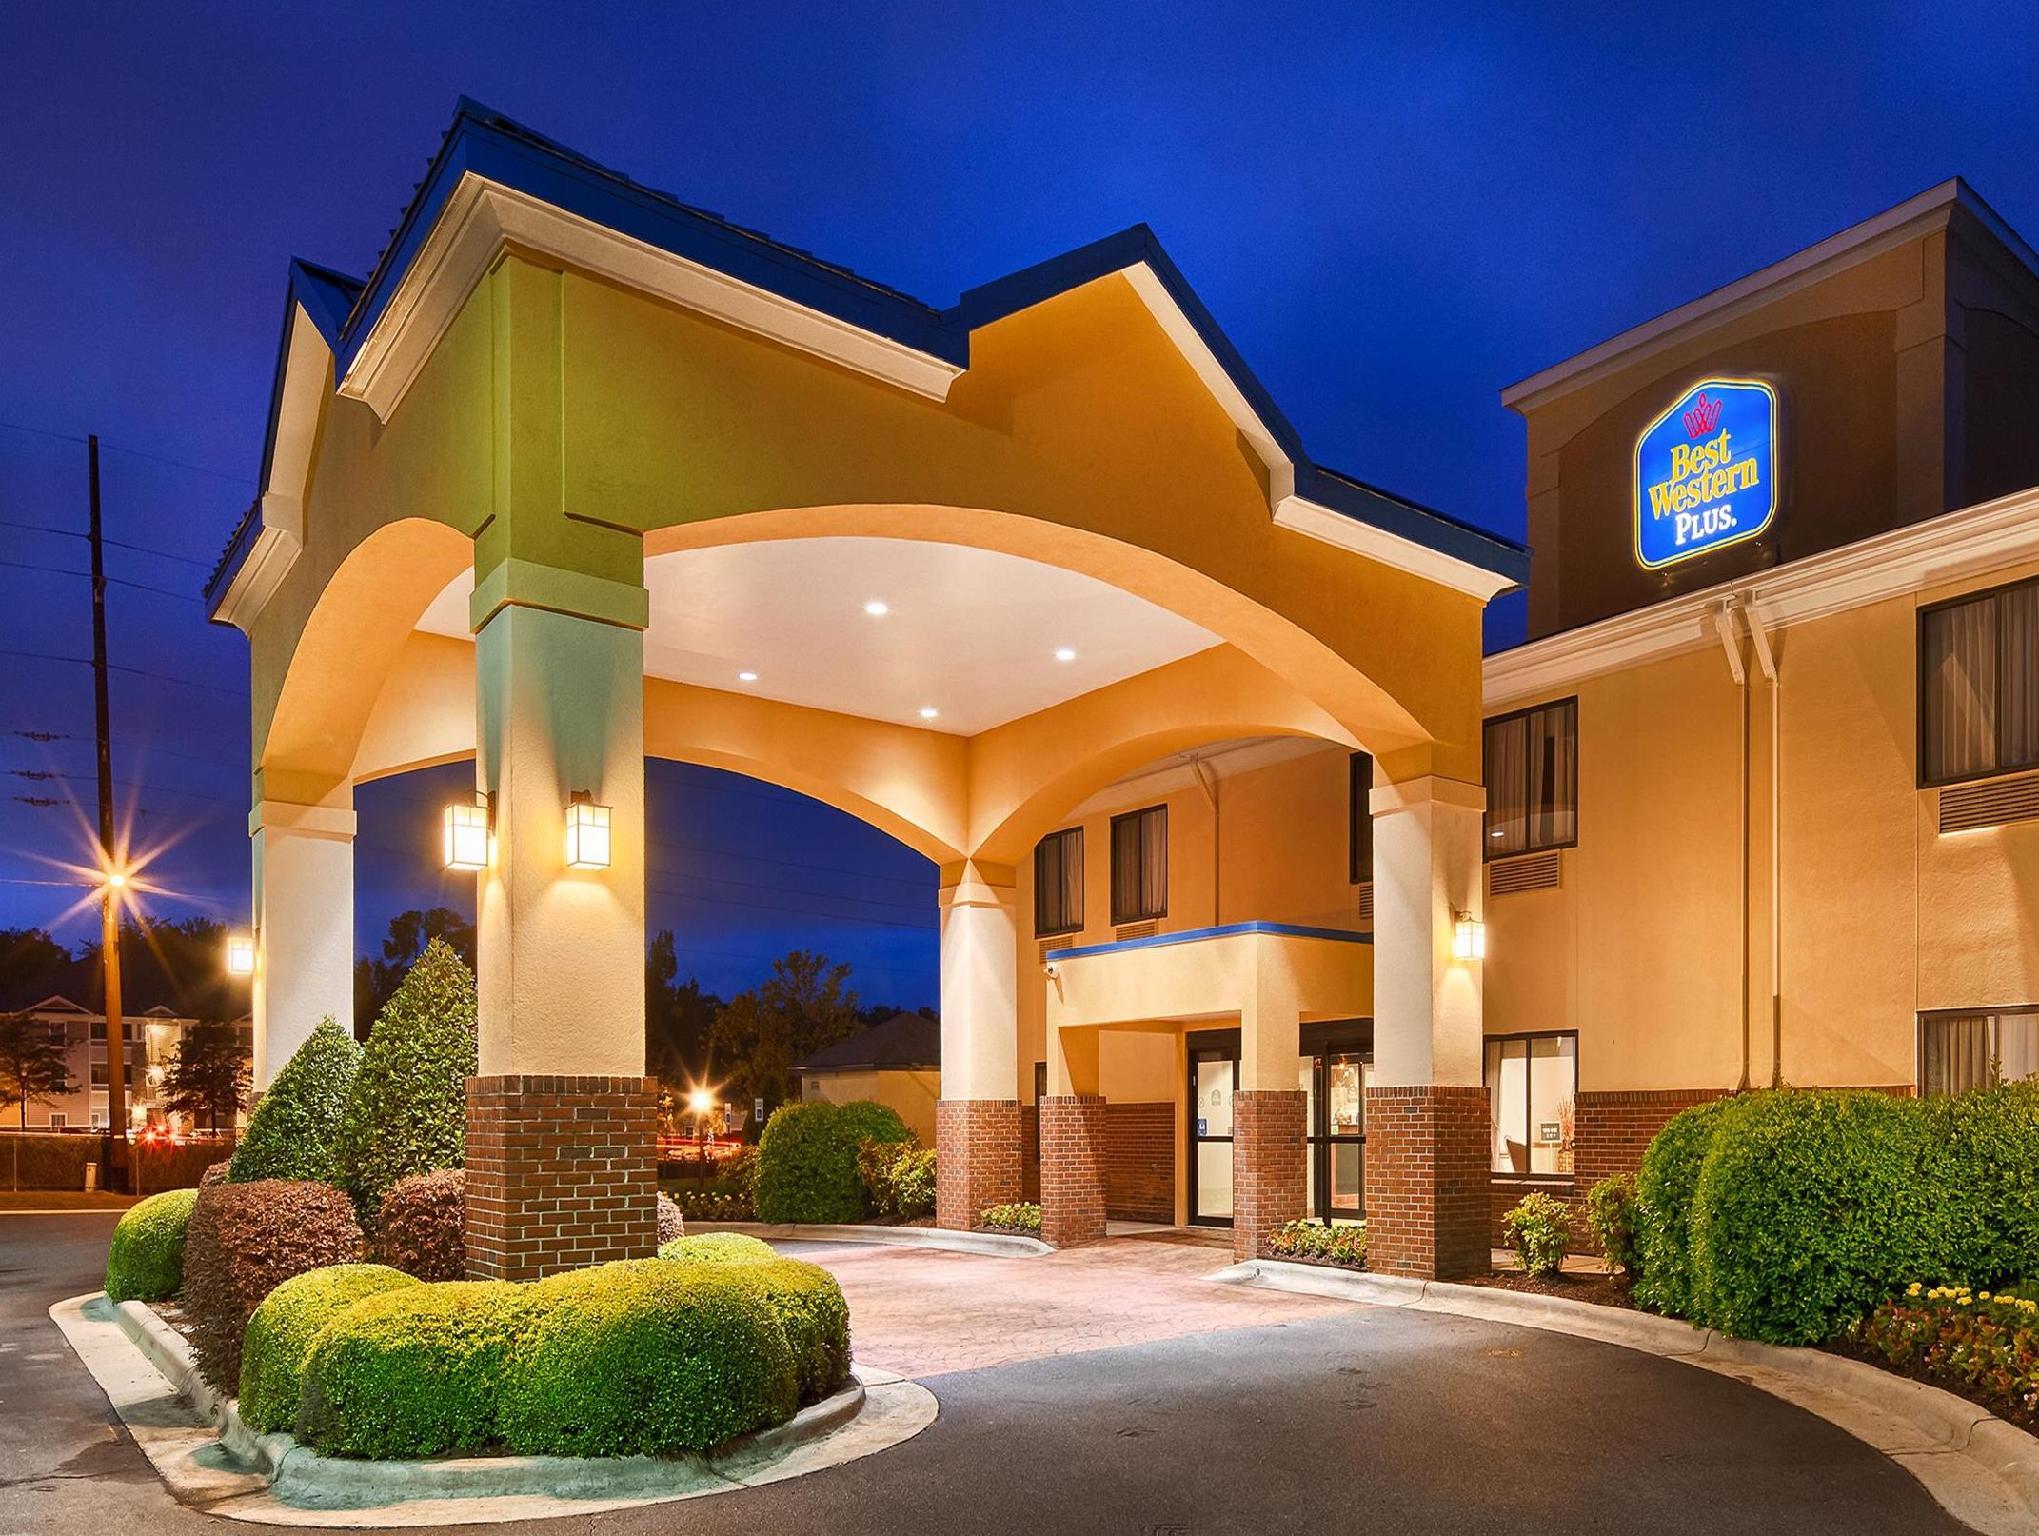 Best Western Plus Suites Greenville